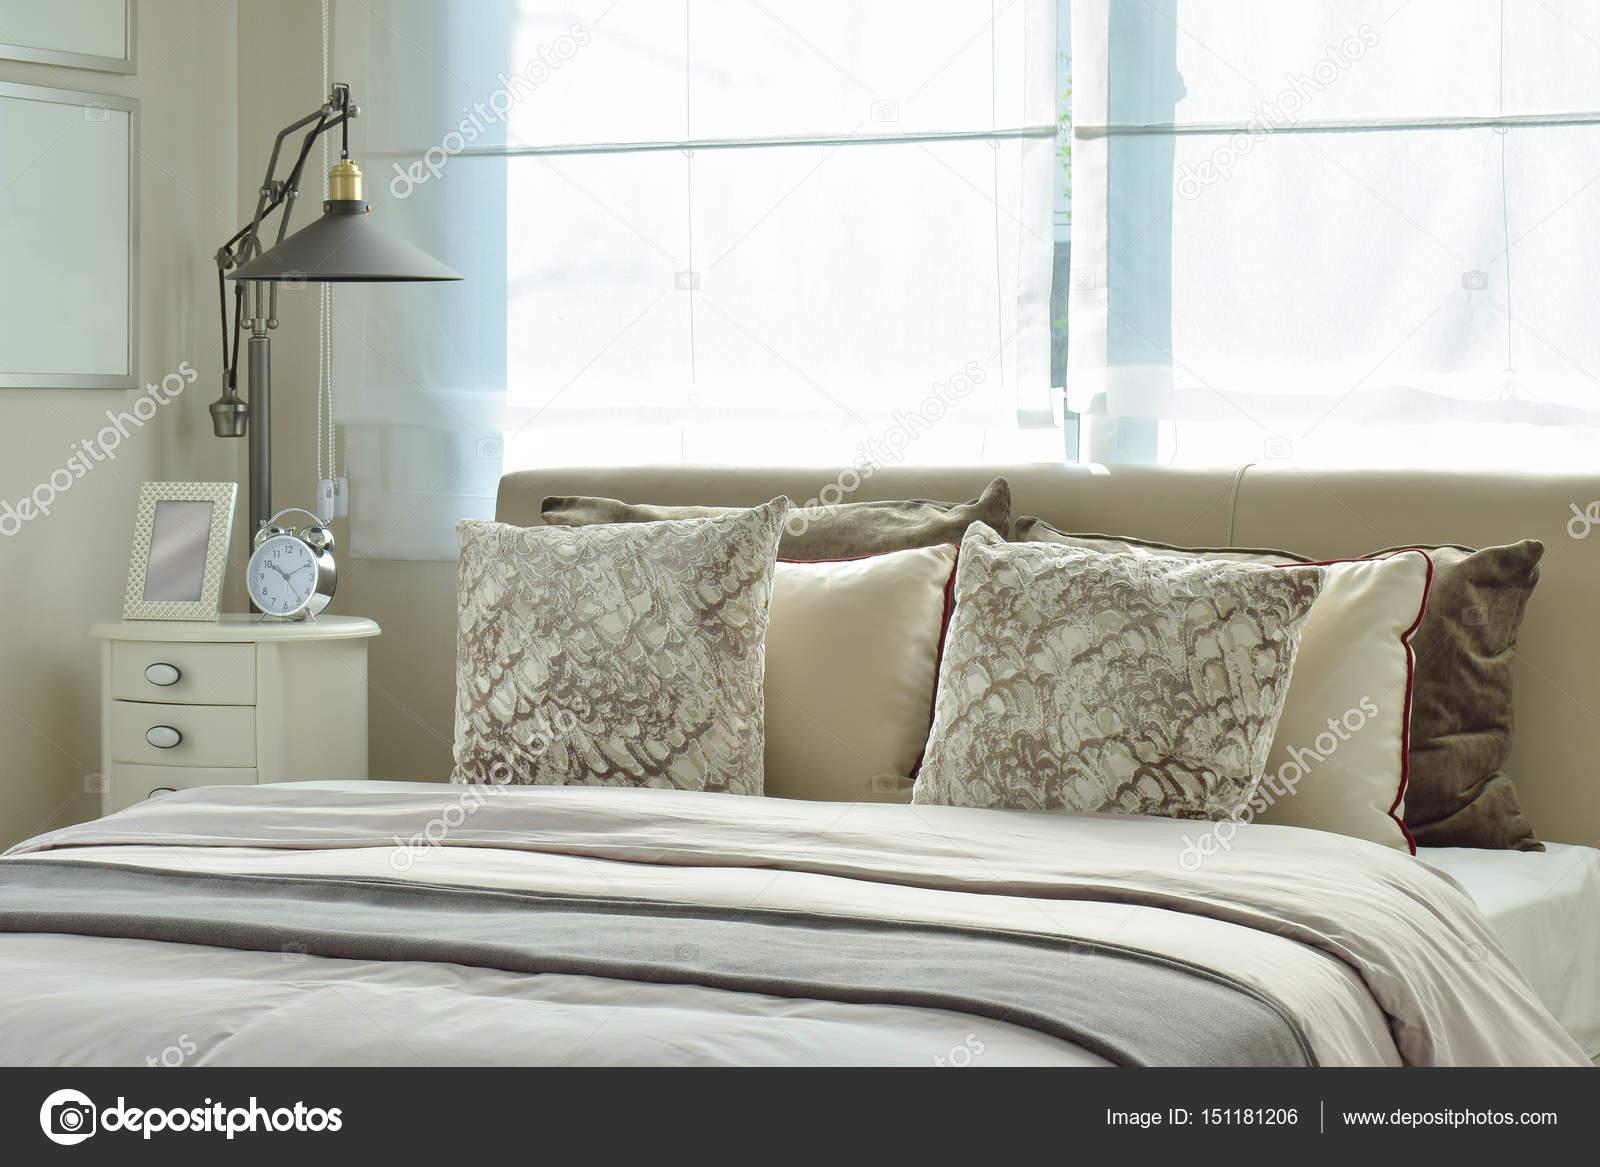 Camera da letto di lusso con lampada e sveglia sulla tavola di